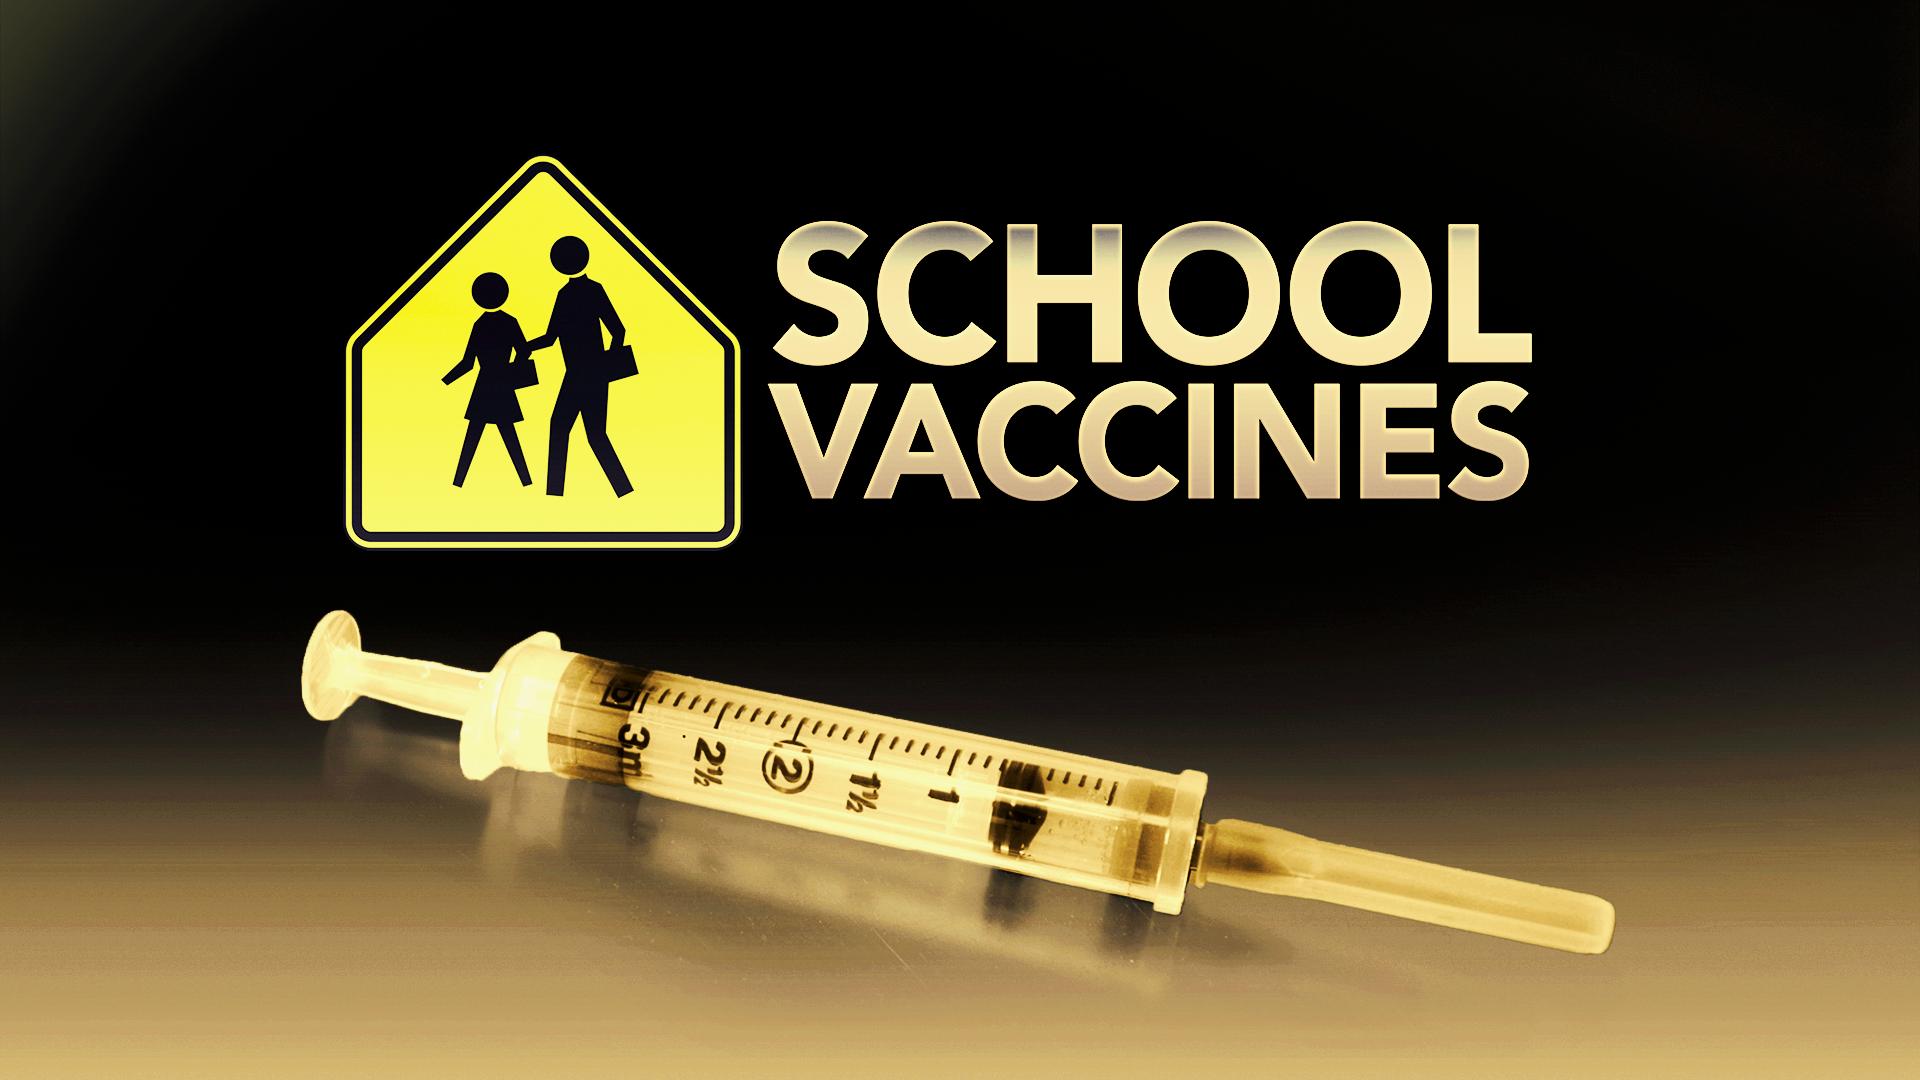 School Vaccines_35796